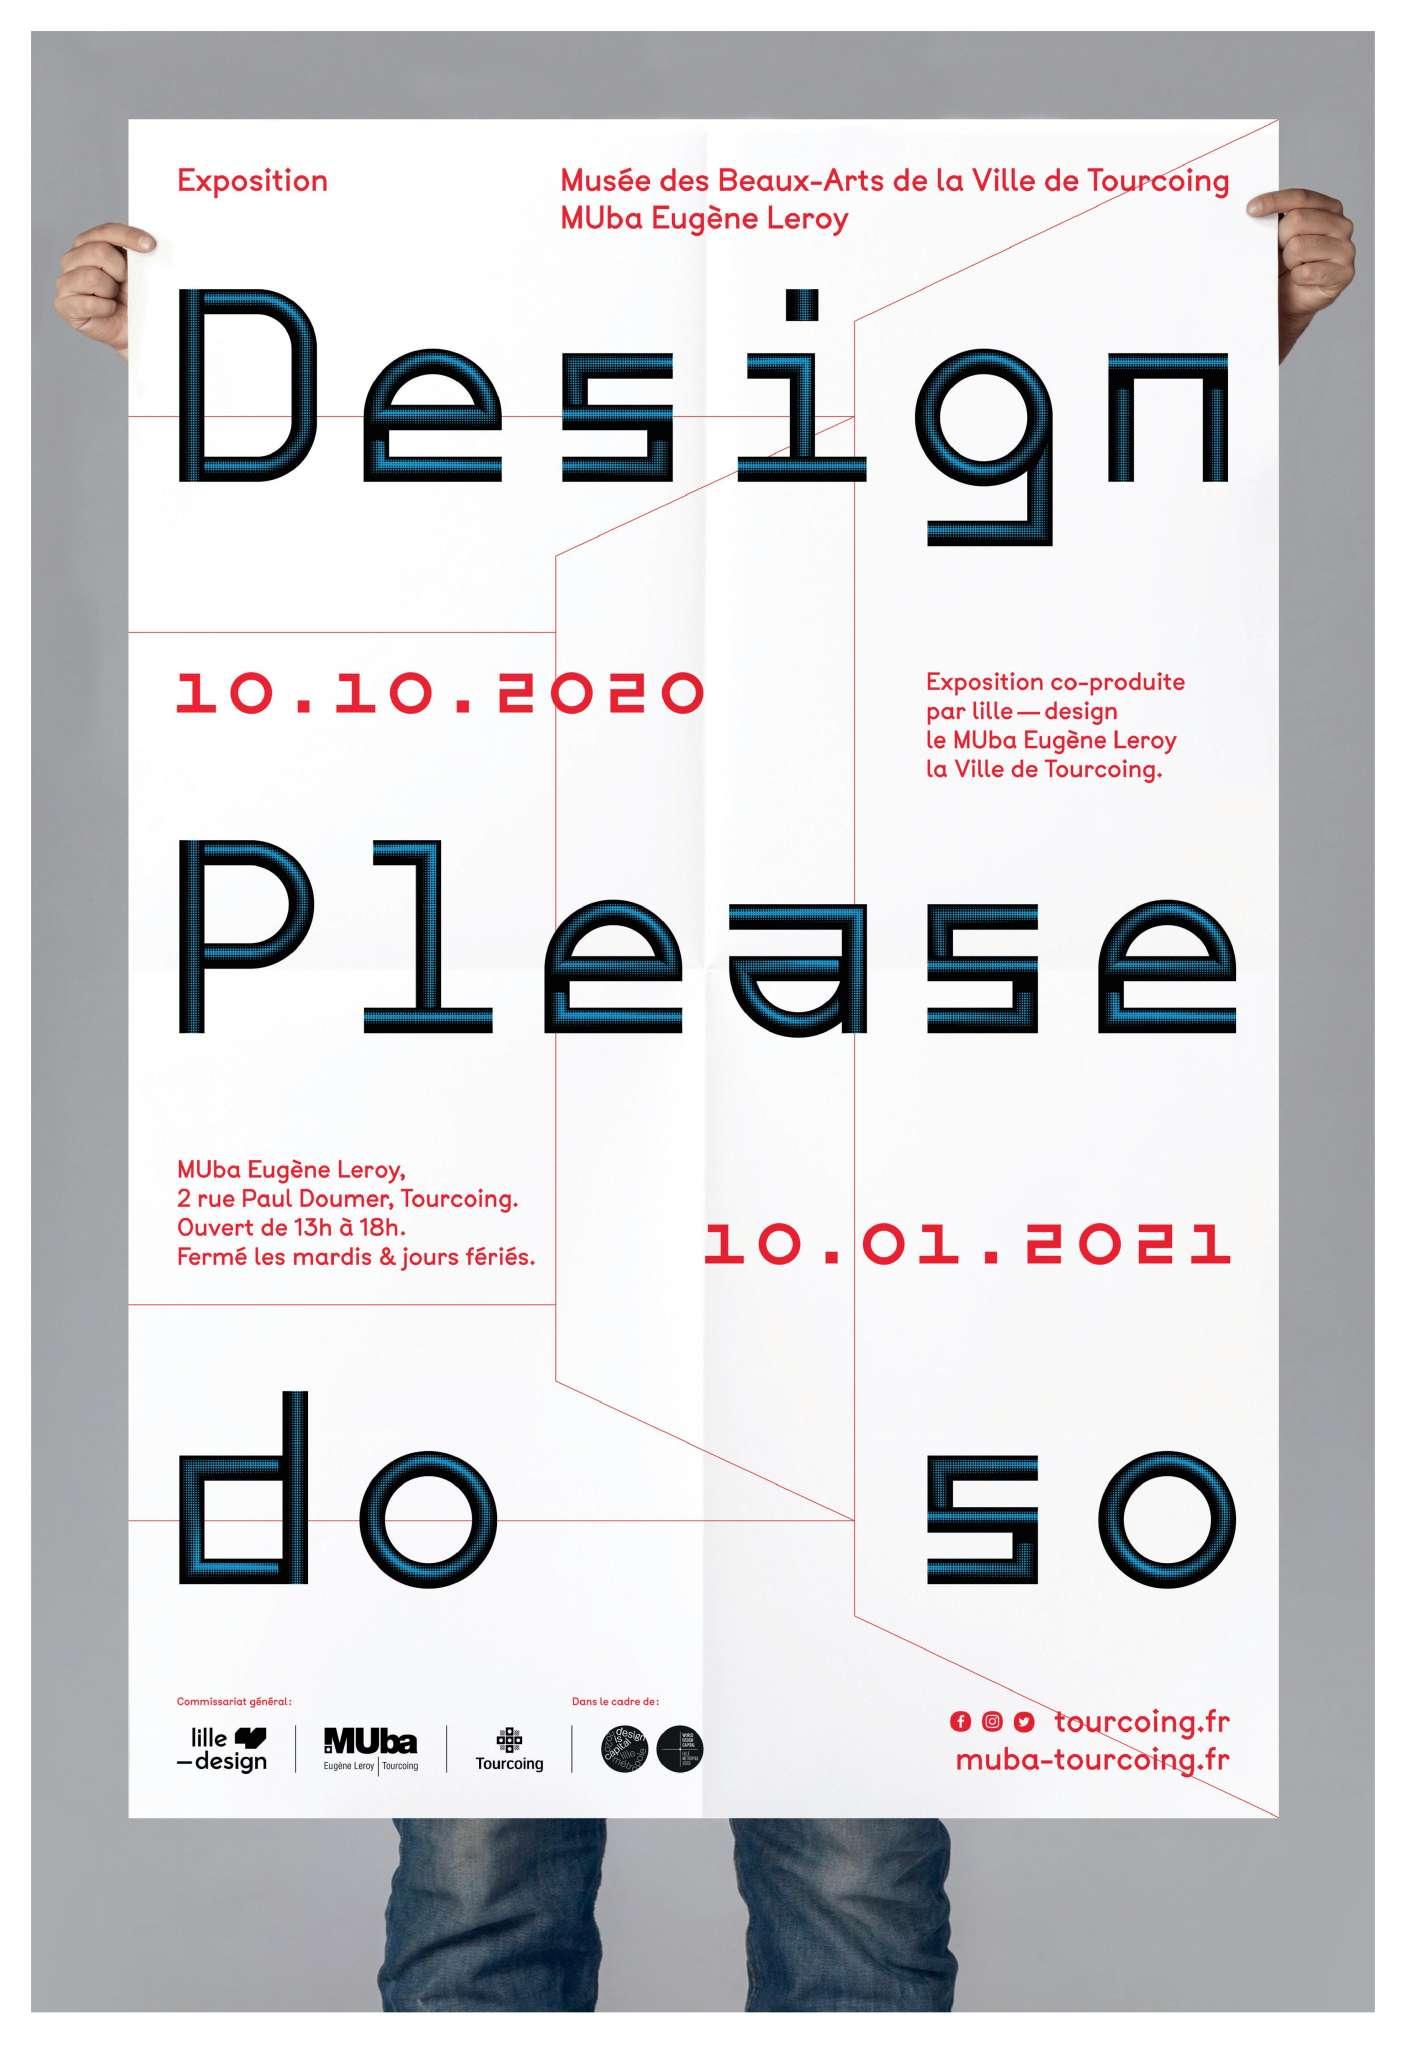 affiche-please-do-so-sans-tdc-page-001